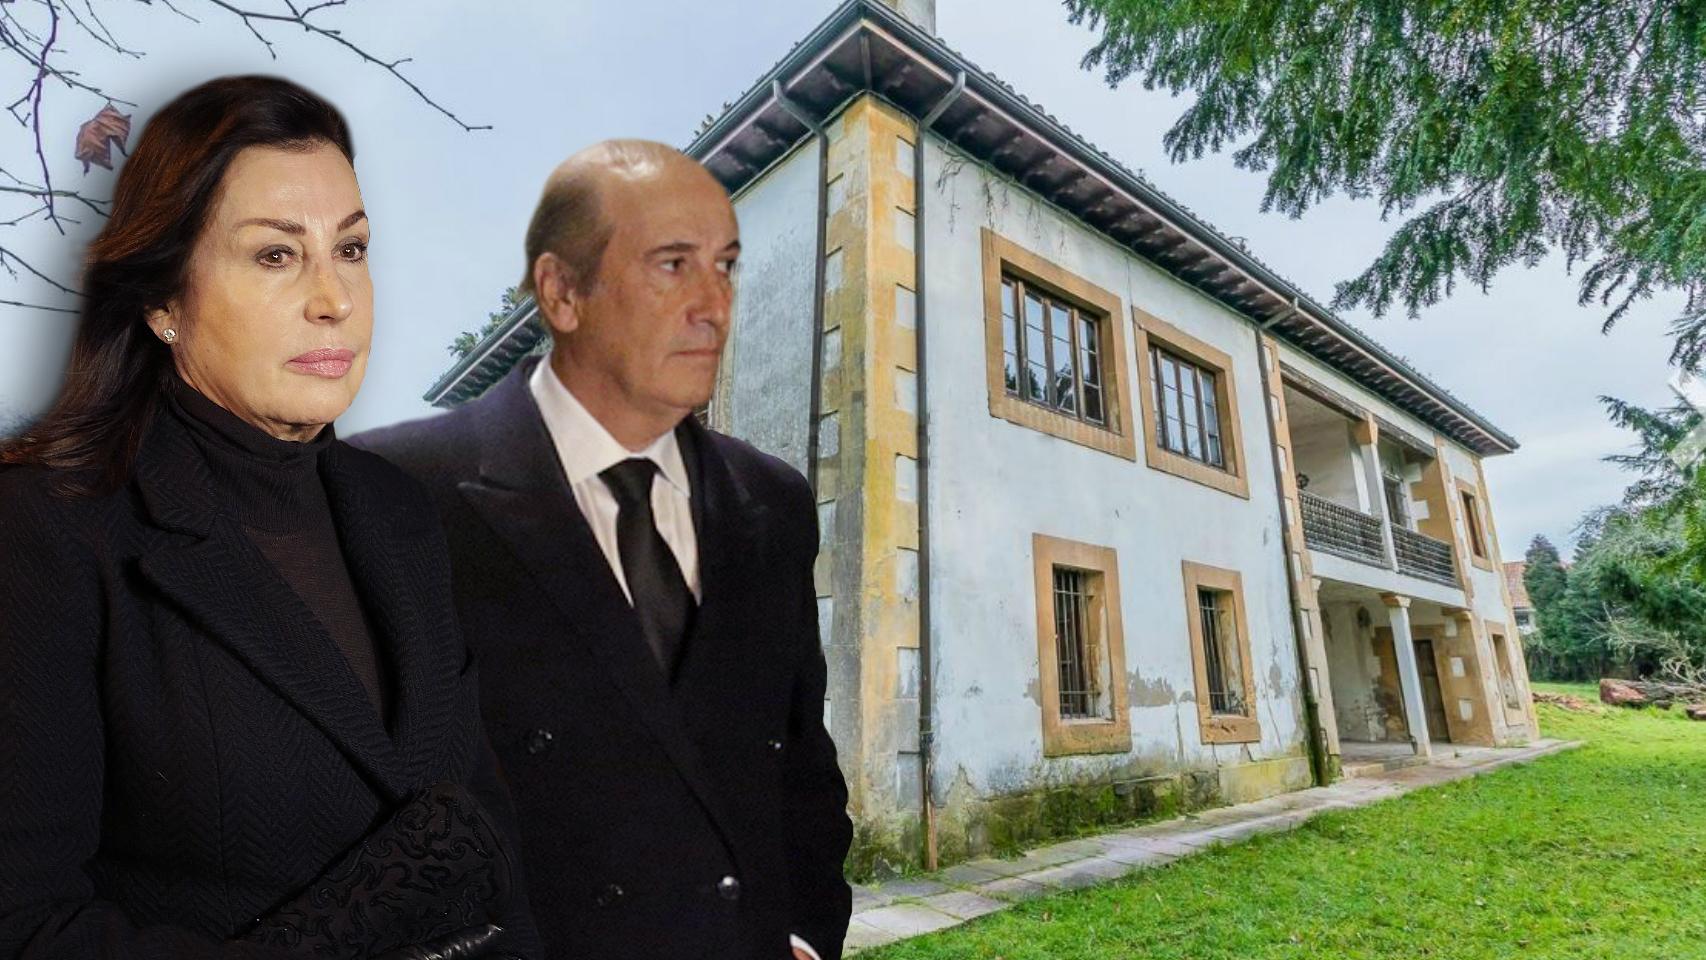 La casa de los Franco en un montaje junto a Carmen Martínez-Bordiú y Francis Franco.